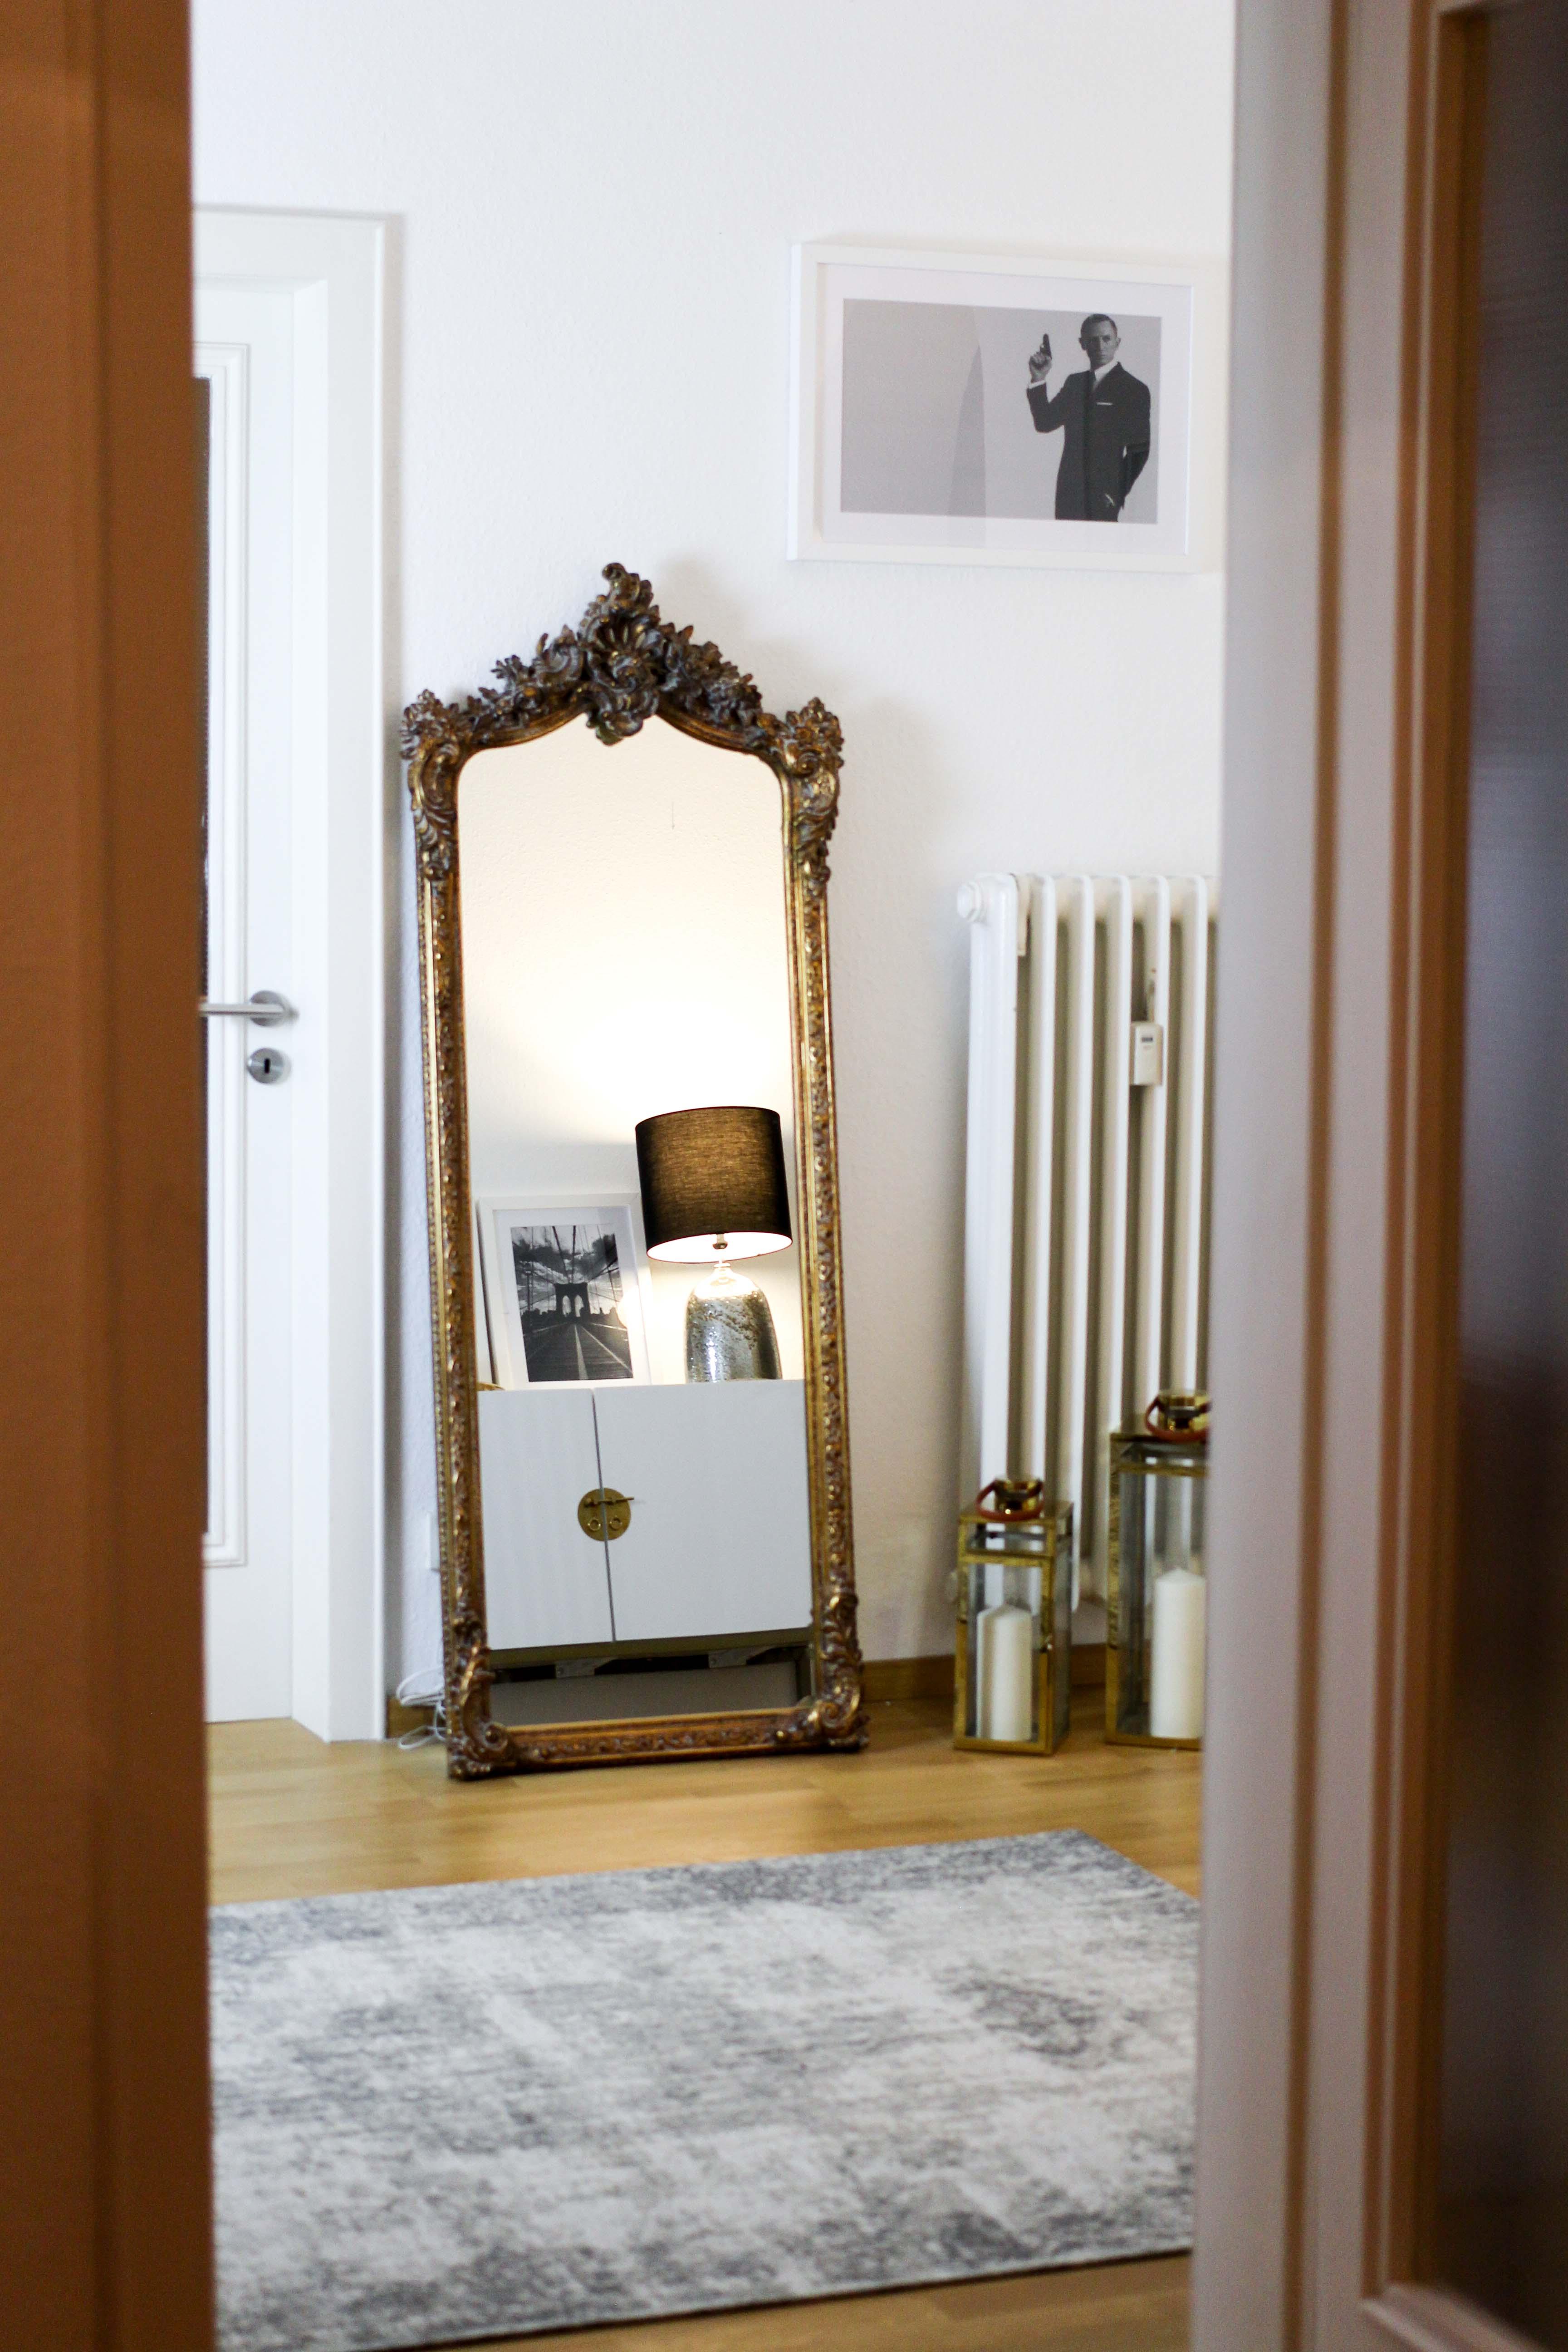 Interior Blogger Flur gestalten Möbel Motive Pixers James Bond 007 Schwarz Weiß minimalistisch Spiegel Gold Antik Statement Vitage Spiegel